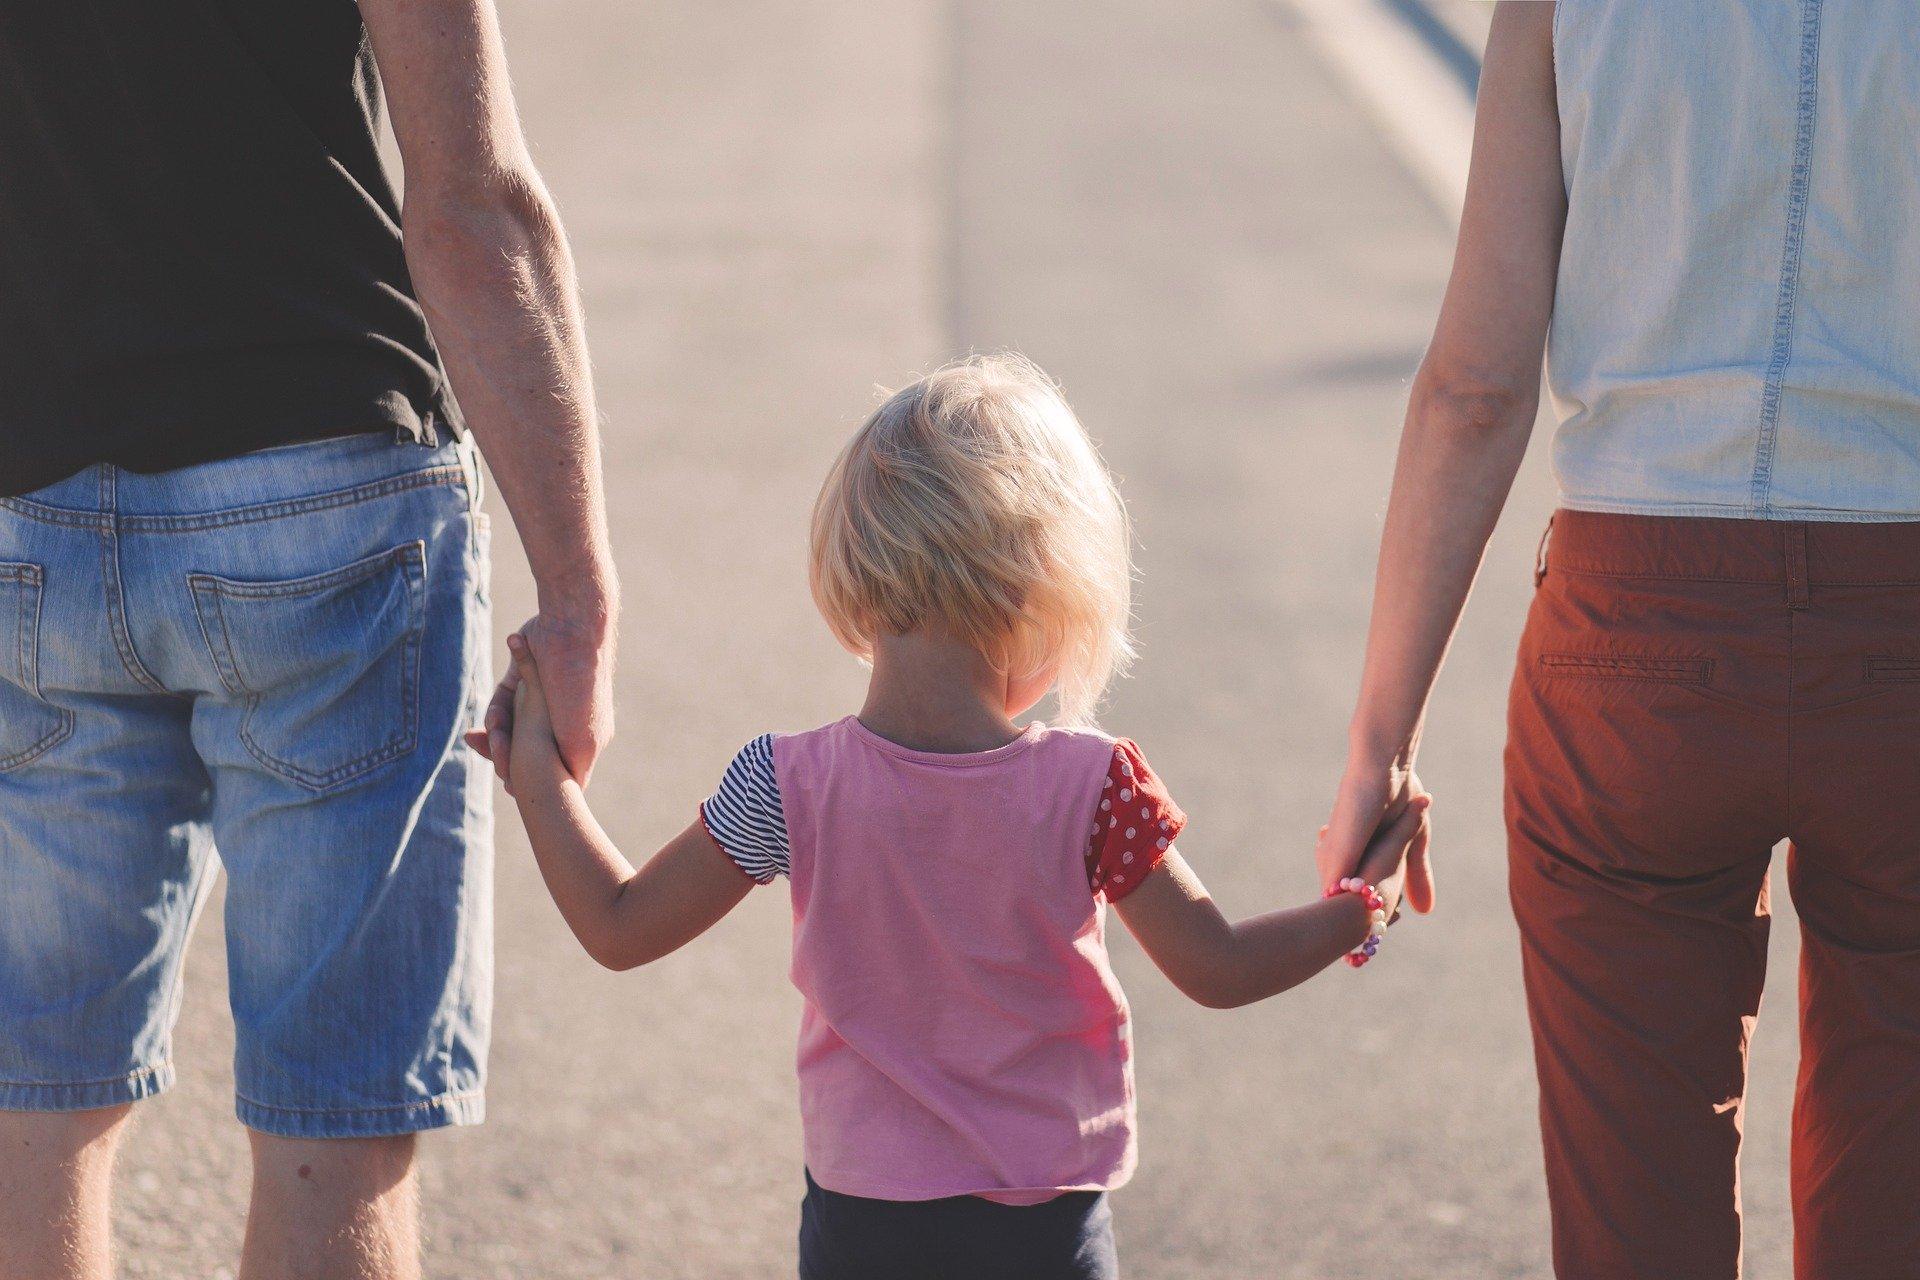 eltern burnout affection parents beach - Resilienz ist eine Frage der ausreichenden Erholung